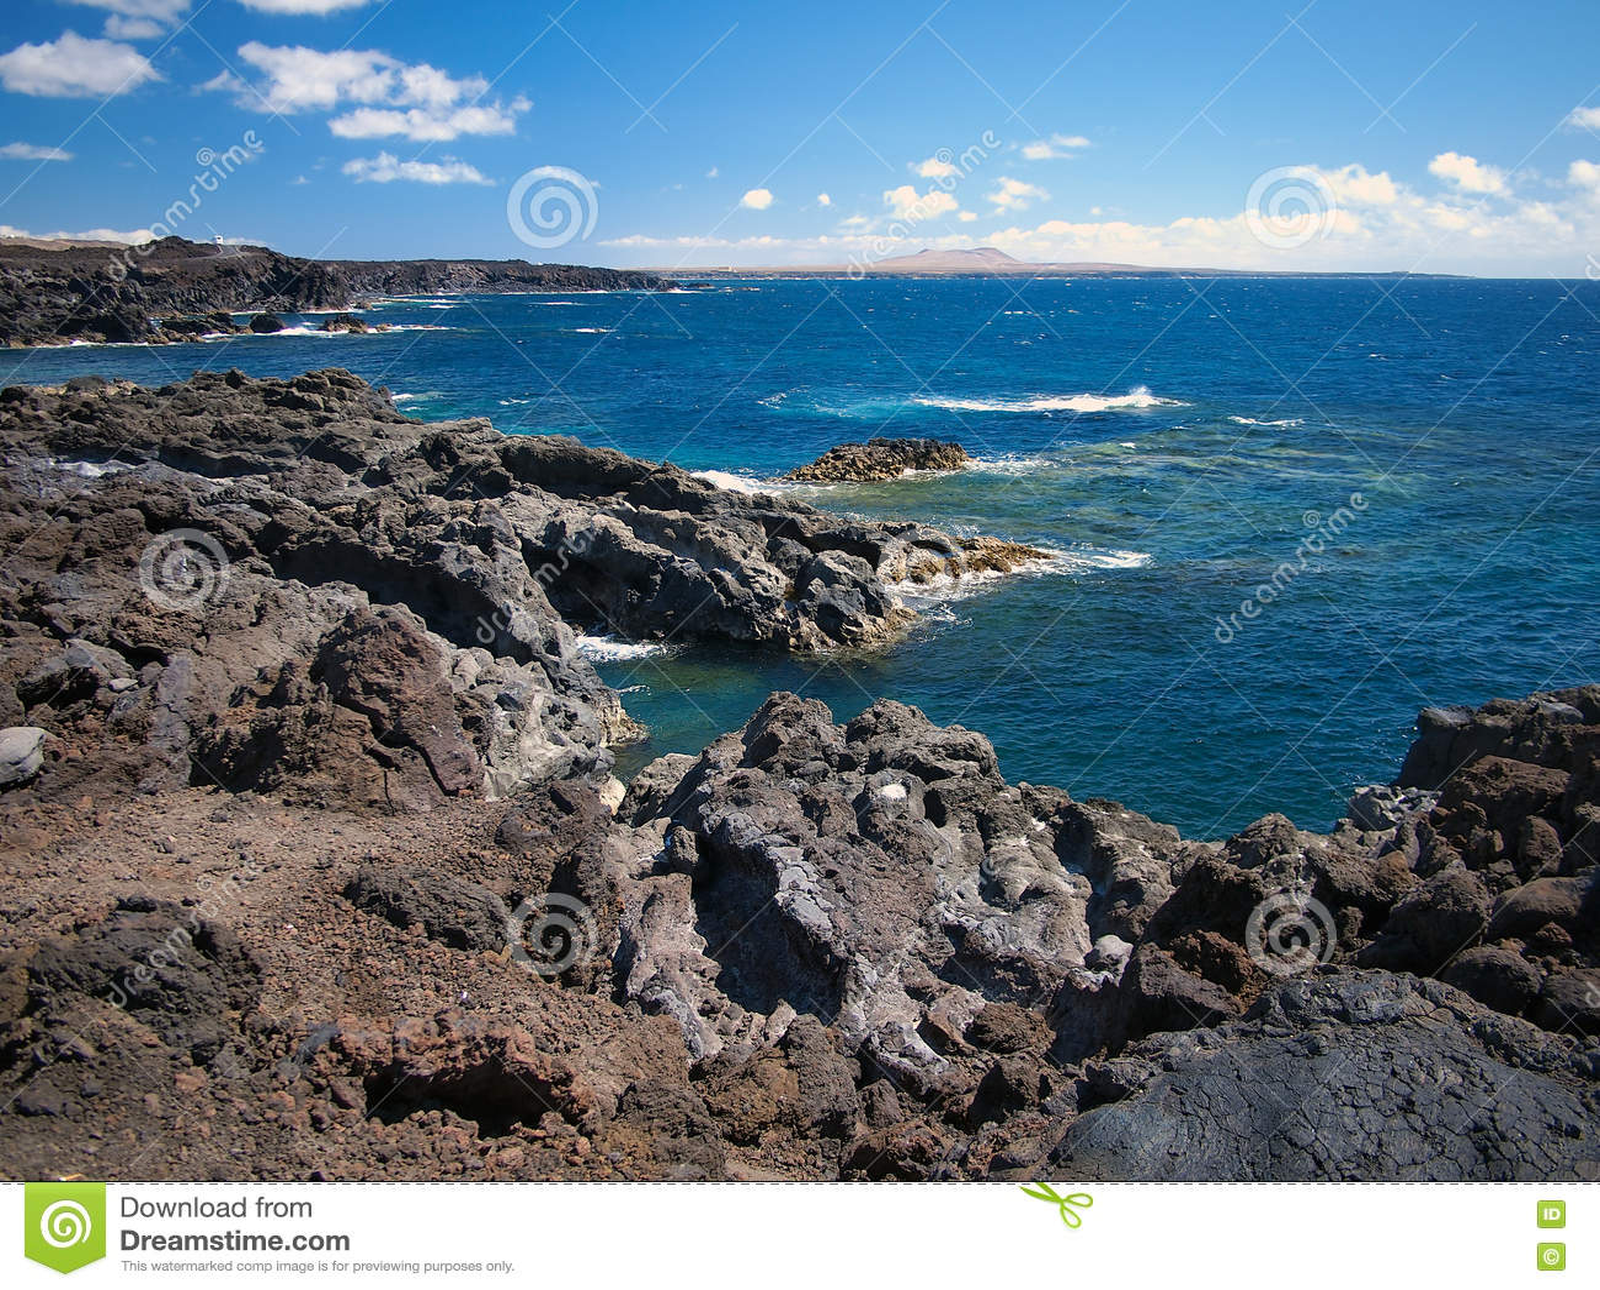 Oceaangolven die op de rotsachtige kust van verharde lava met holen en holten breken Diepe blauwe hemel met witte wolken en berge